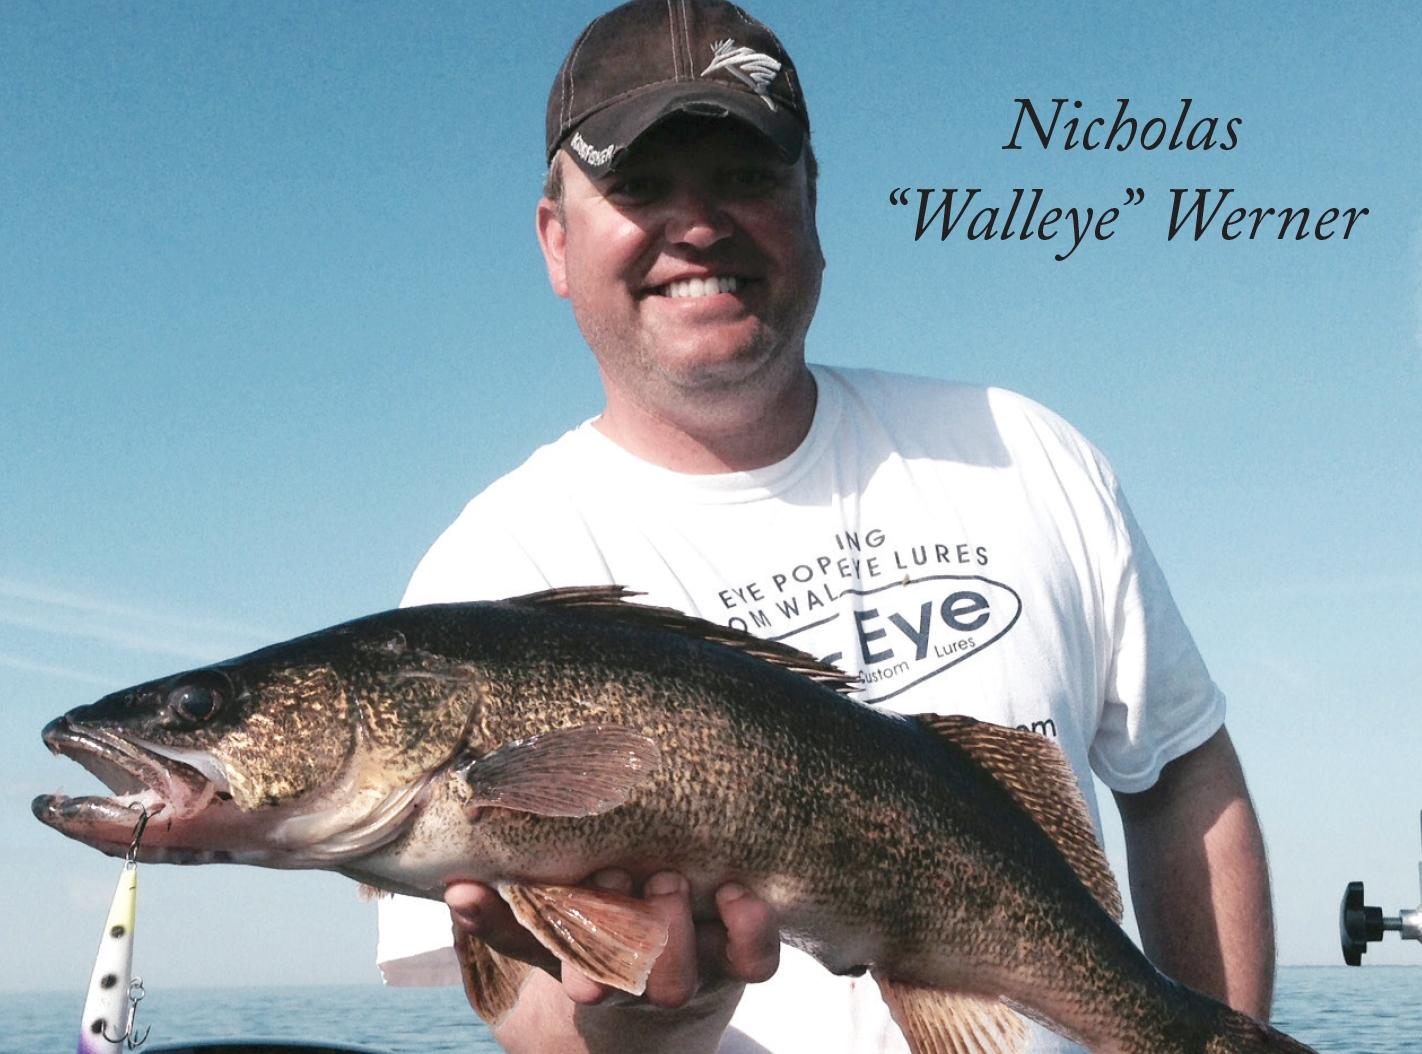 Walleye Werner